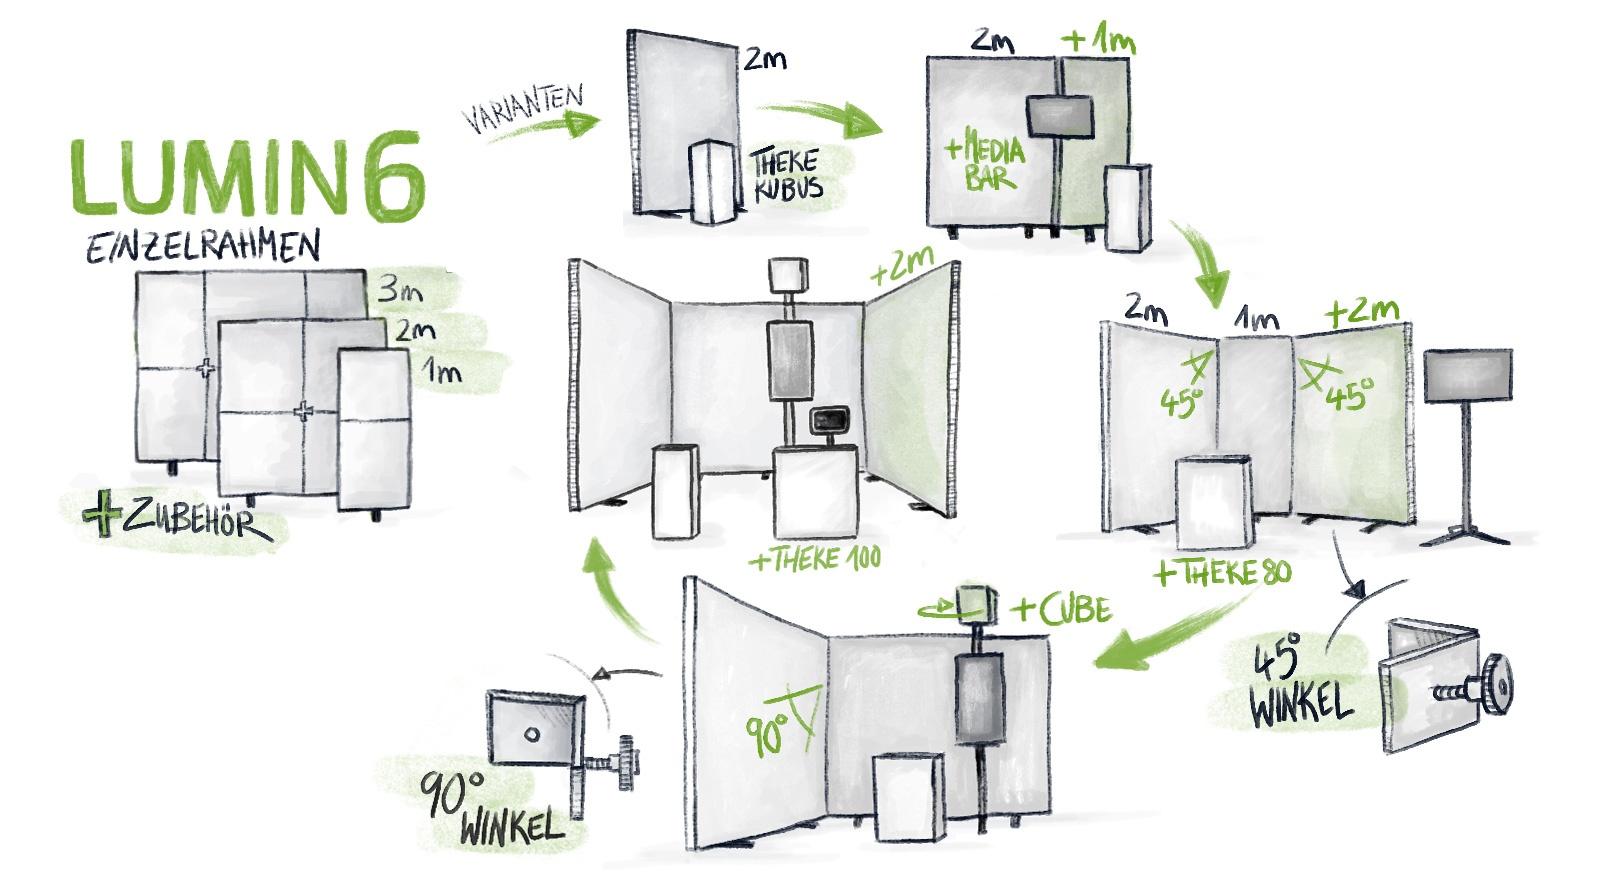 LUMIN6 ist das richtige System für verschiedenste Standflächen und größen